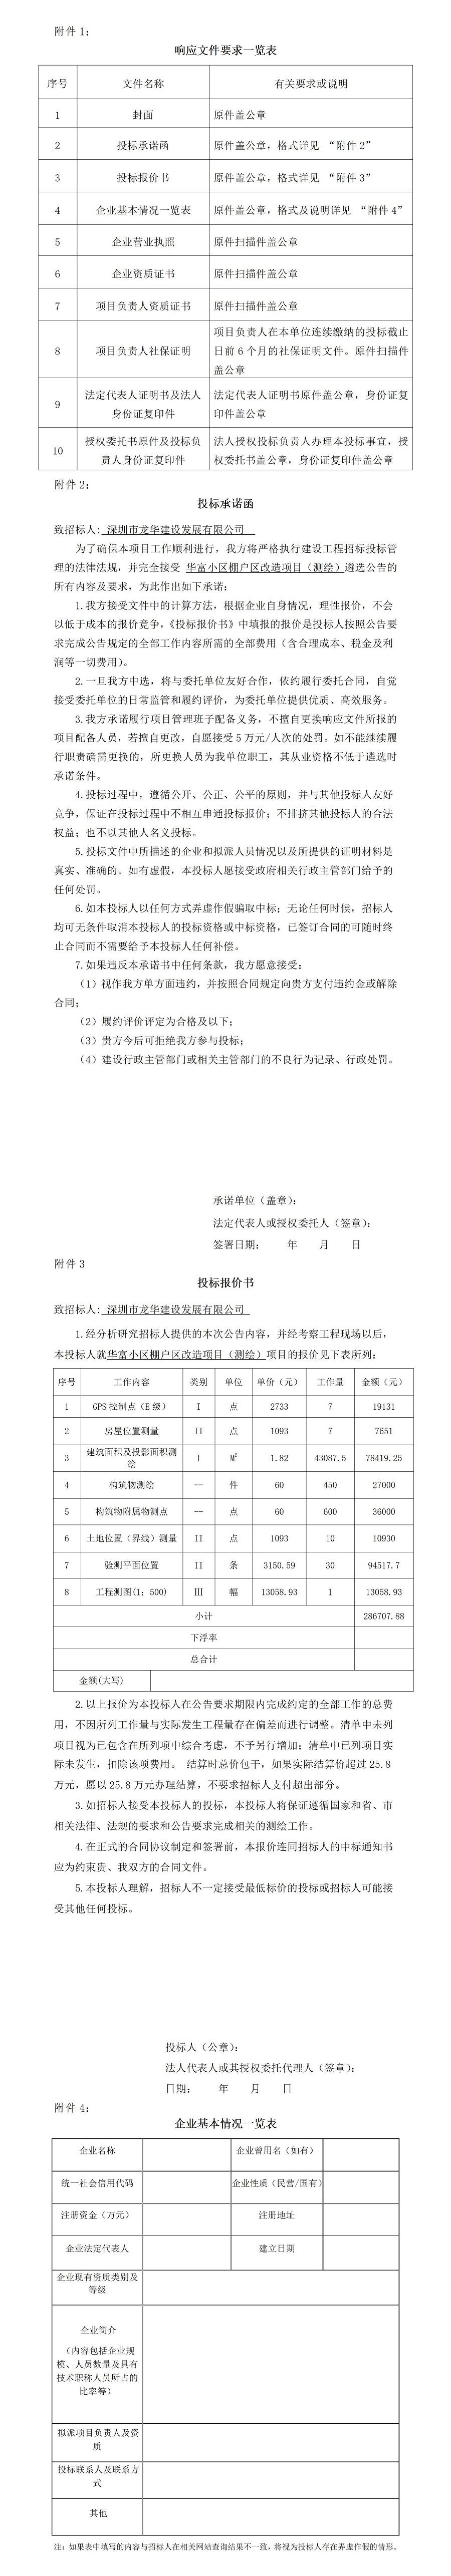 华富小区棚户区改造项目(测绘) 公开遴选公告